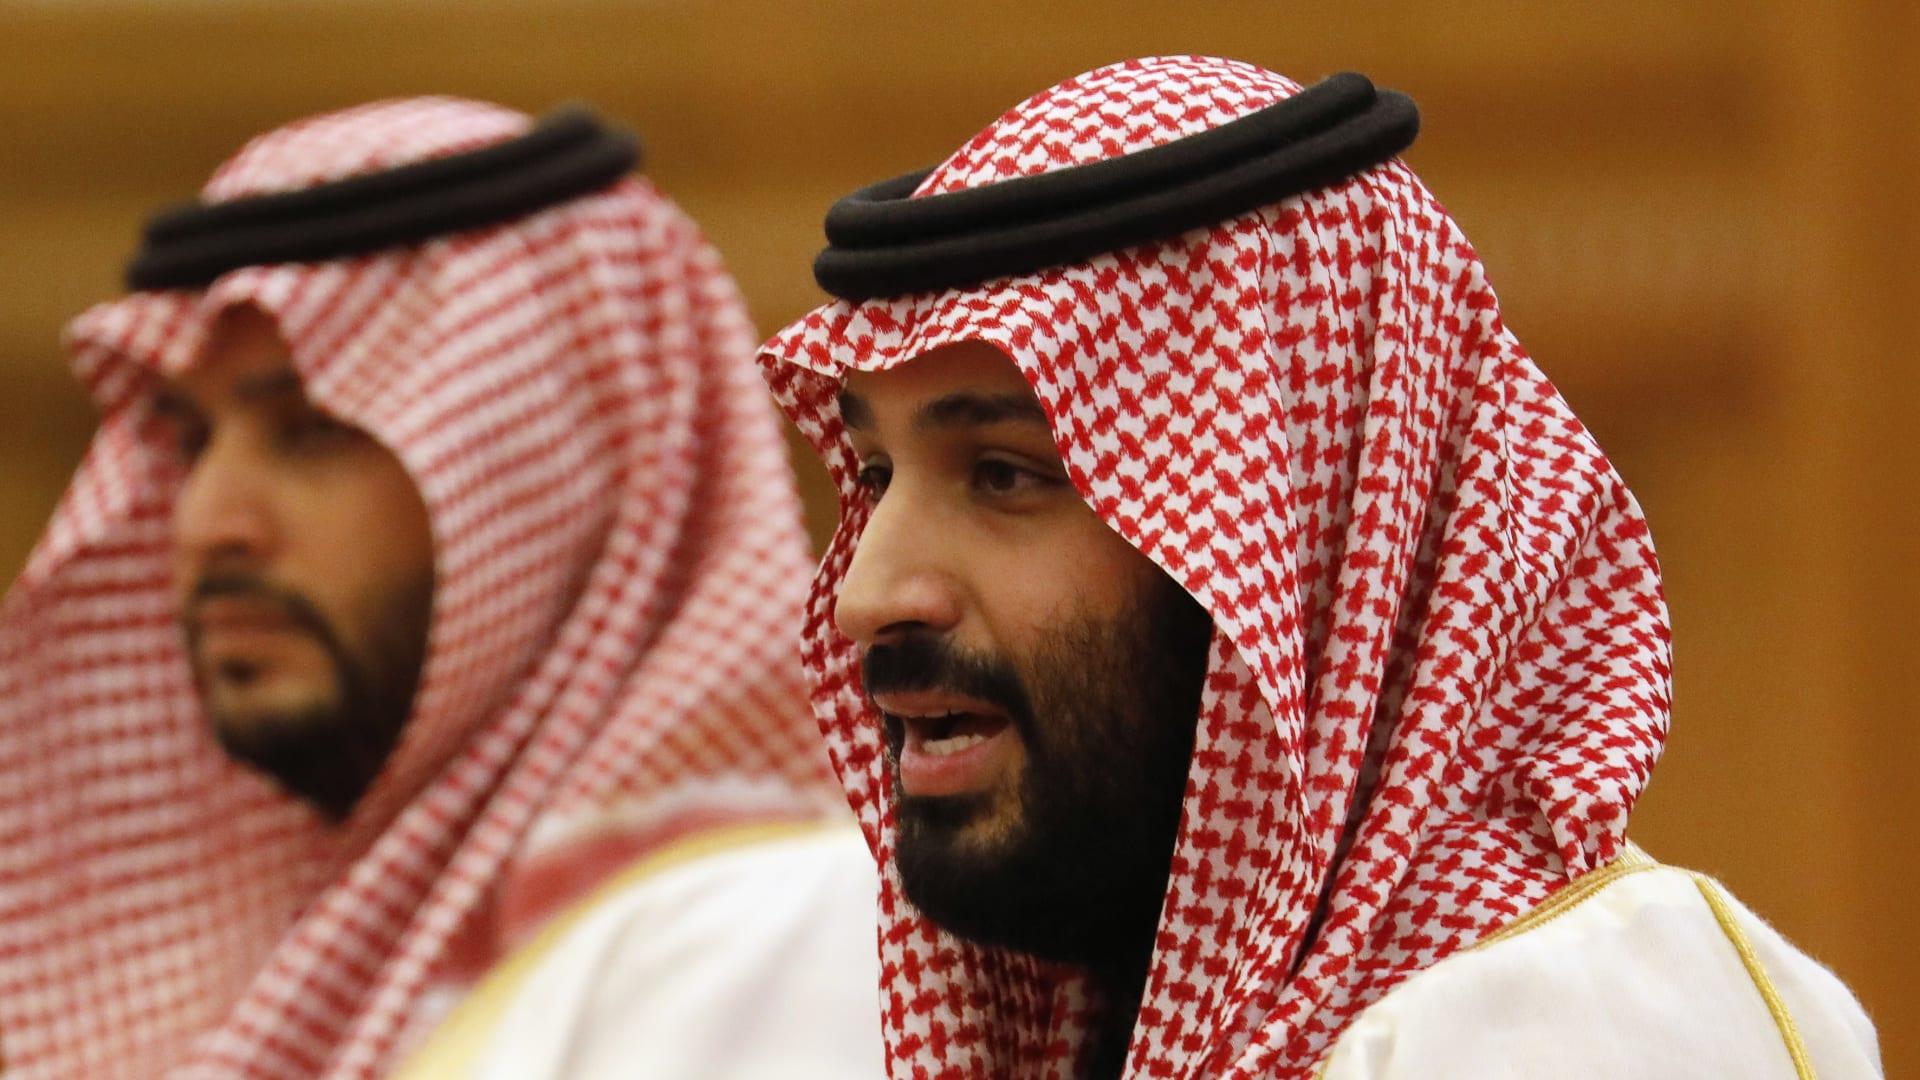 ولي العهد السعودي يكشف ملامح استراتيجية صندوق الاستثمارات السيادي حتى 2025